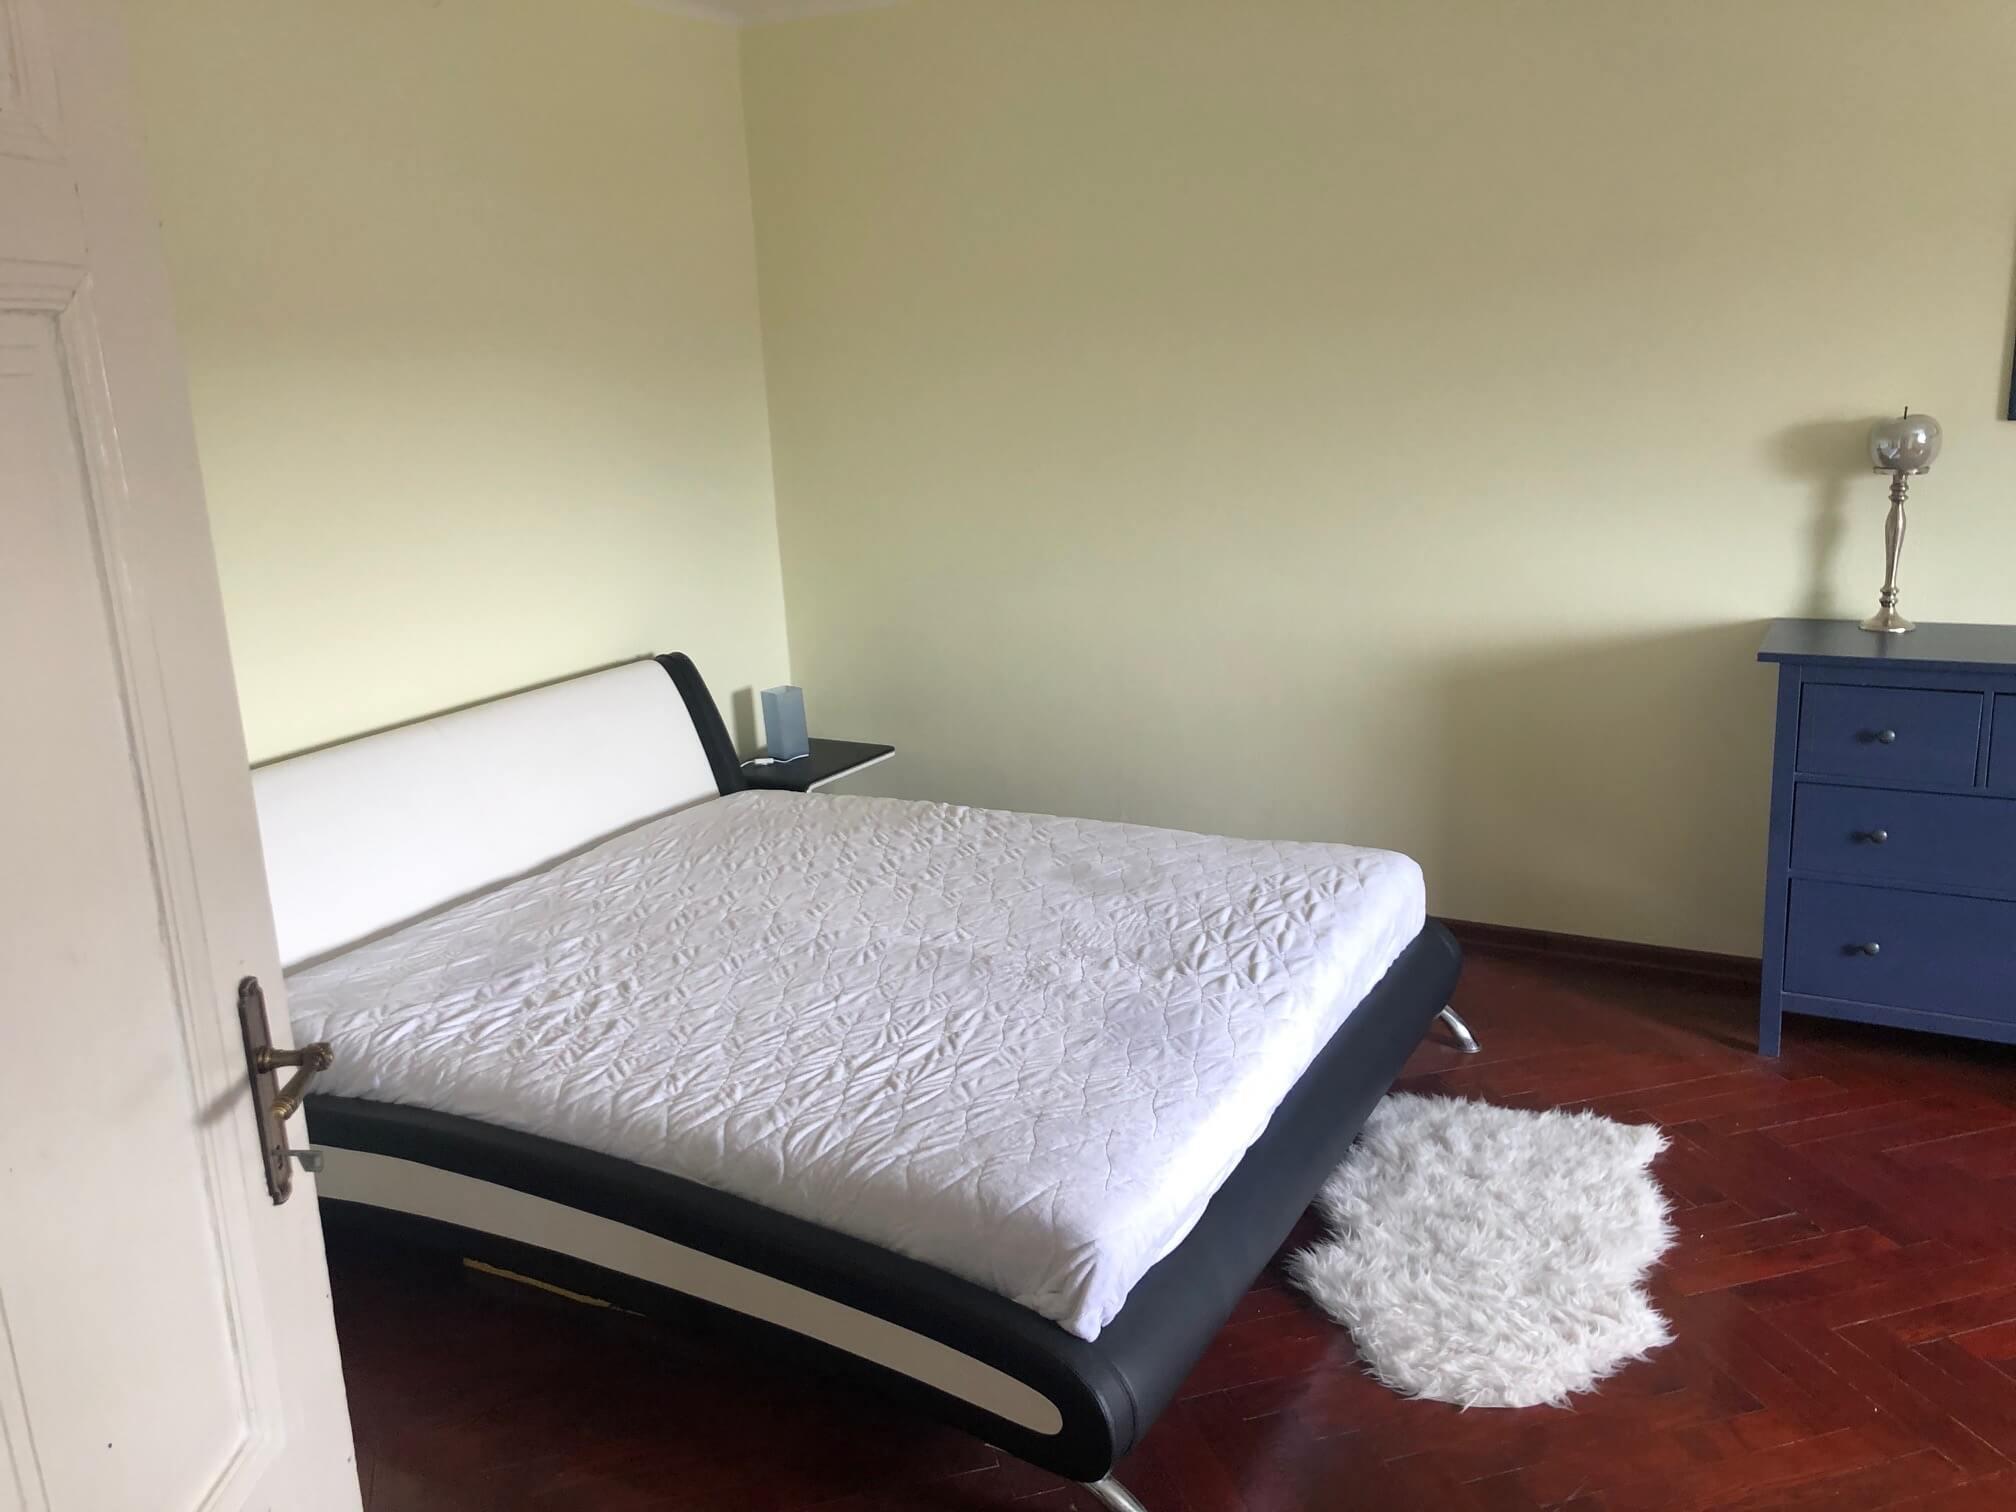 Na prenájom exkluzívne 2 izbový byt, 73,34m2, v Centre BA, Gorkeho 7, 7 poschodie-1